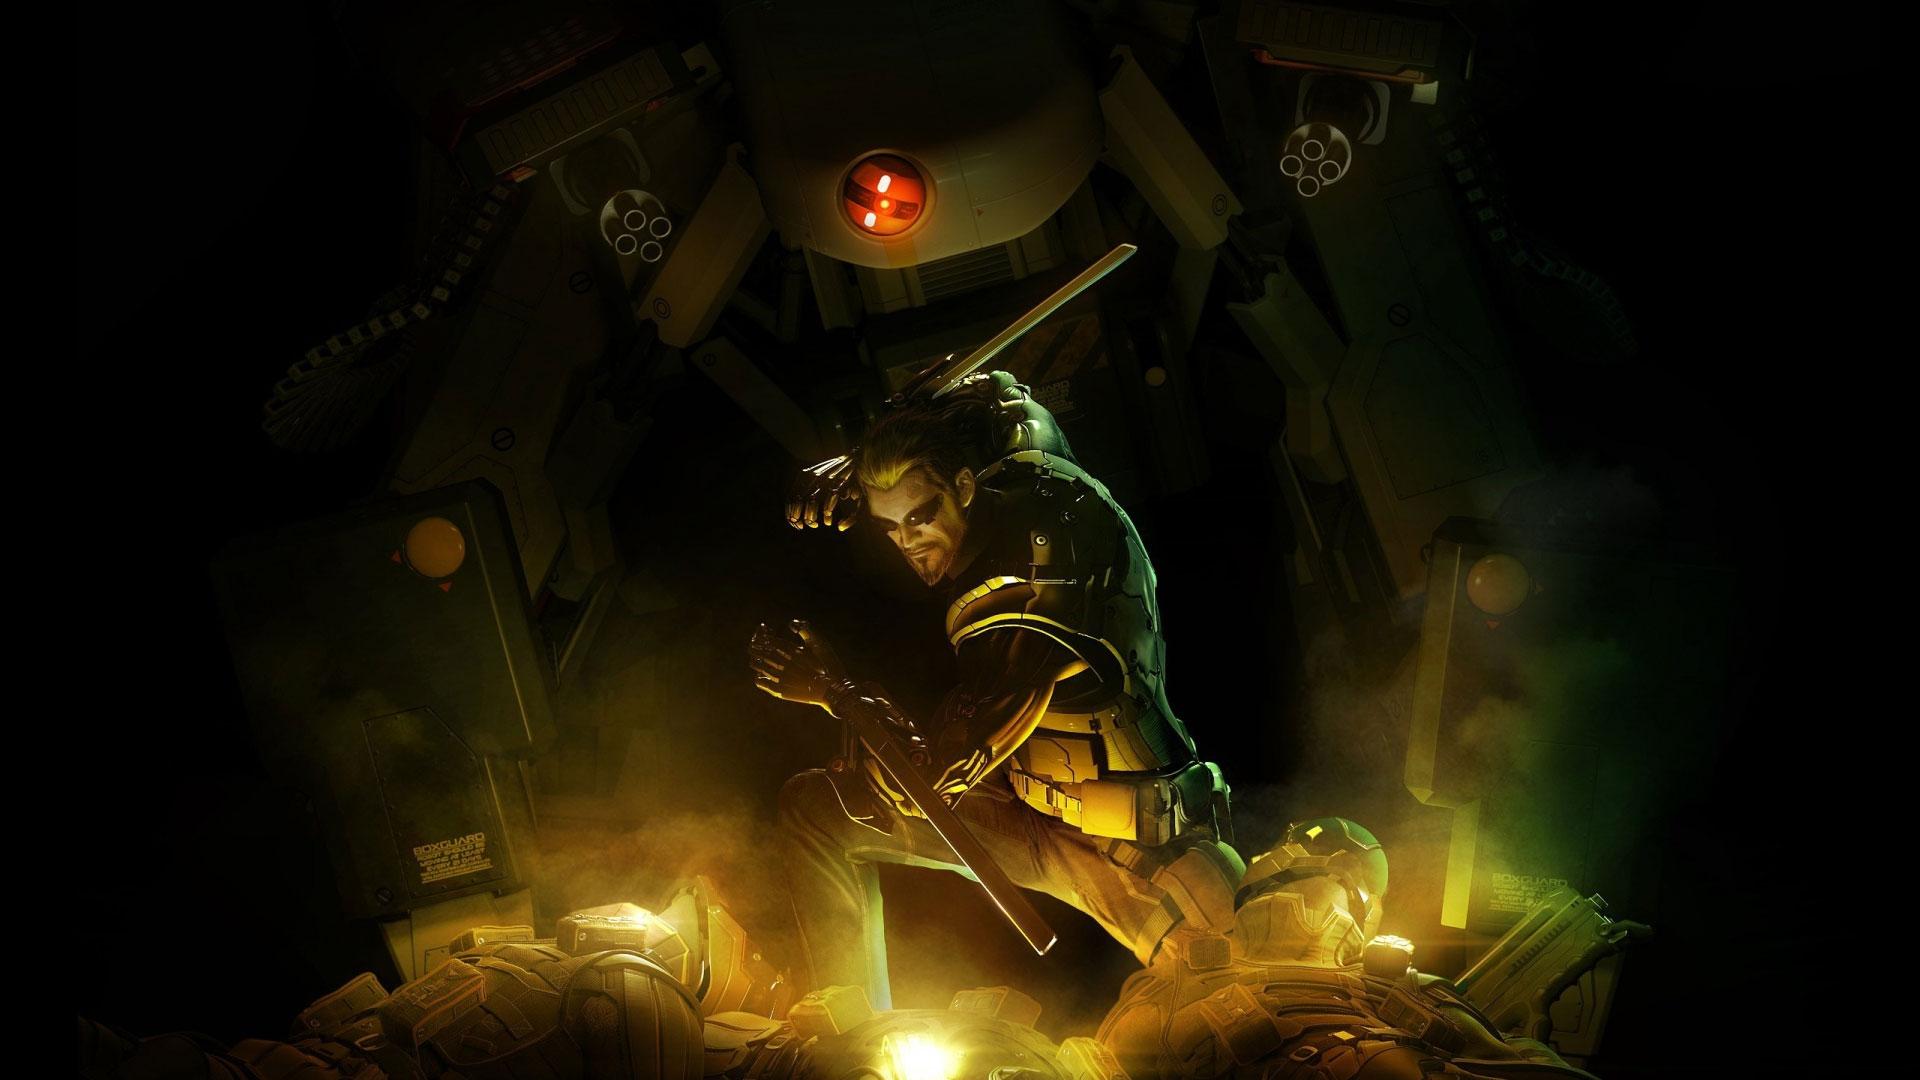 Deus Ex Human Revolution Wallpaper 1080P 142261 1920x1080